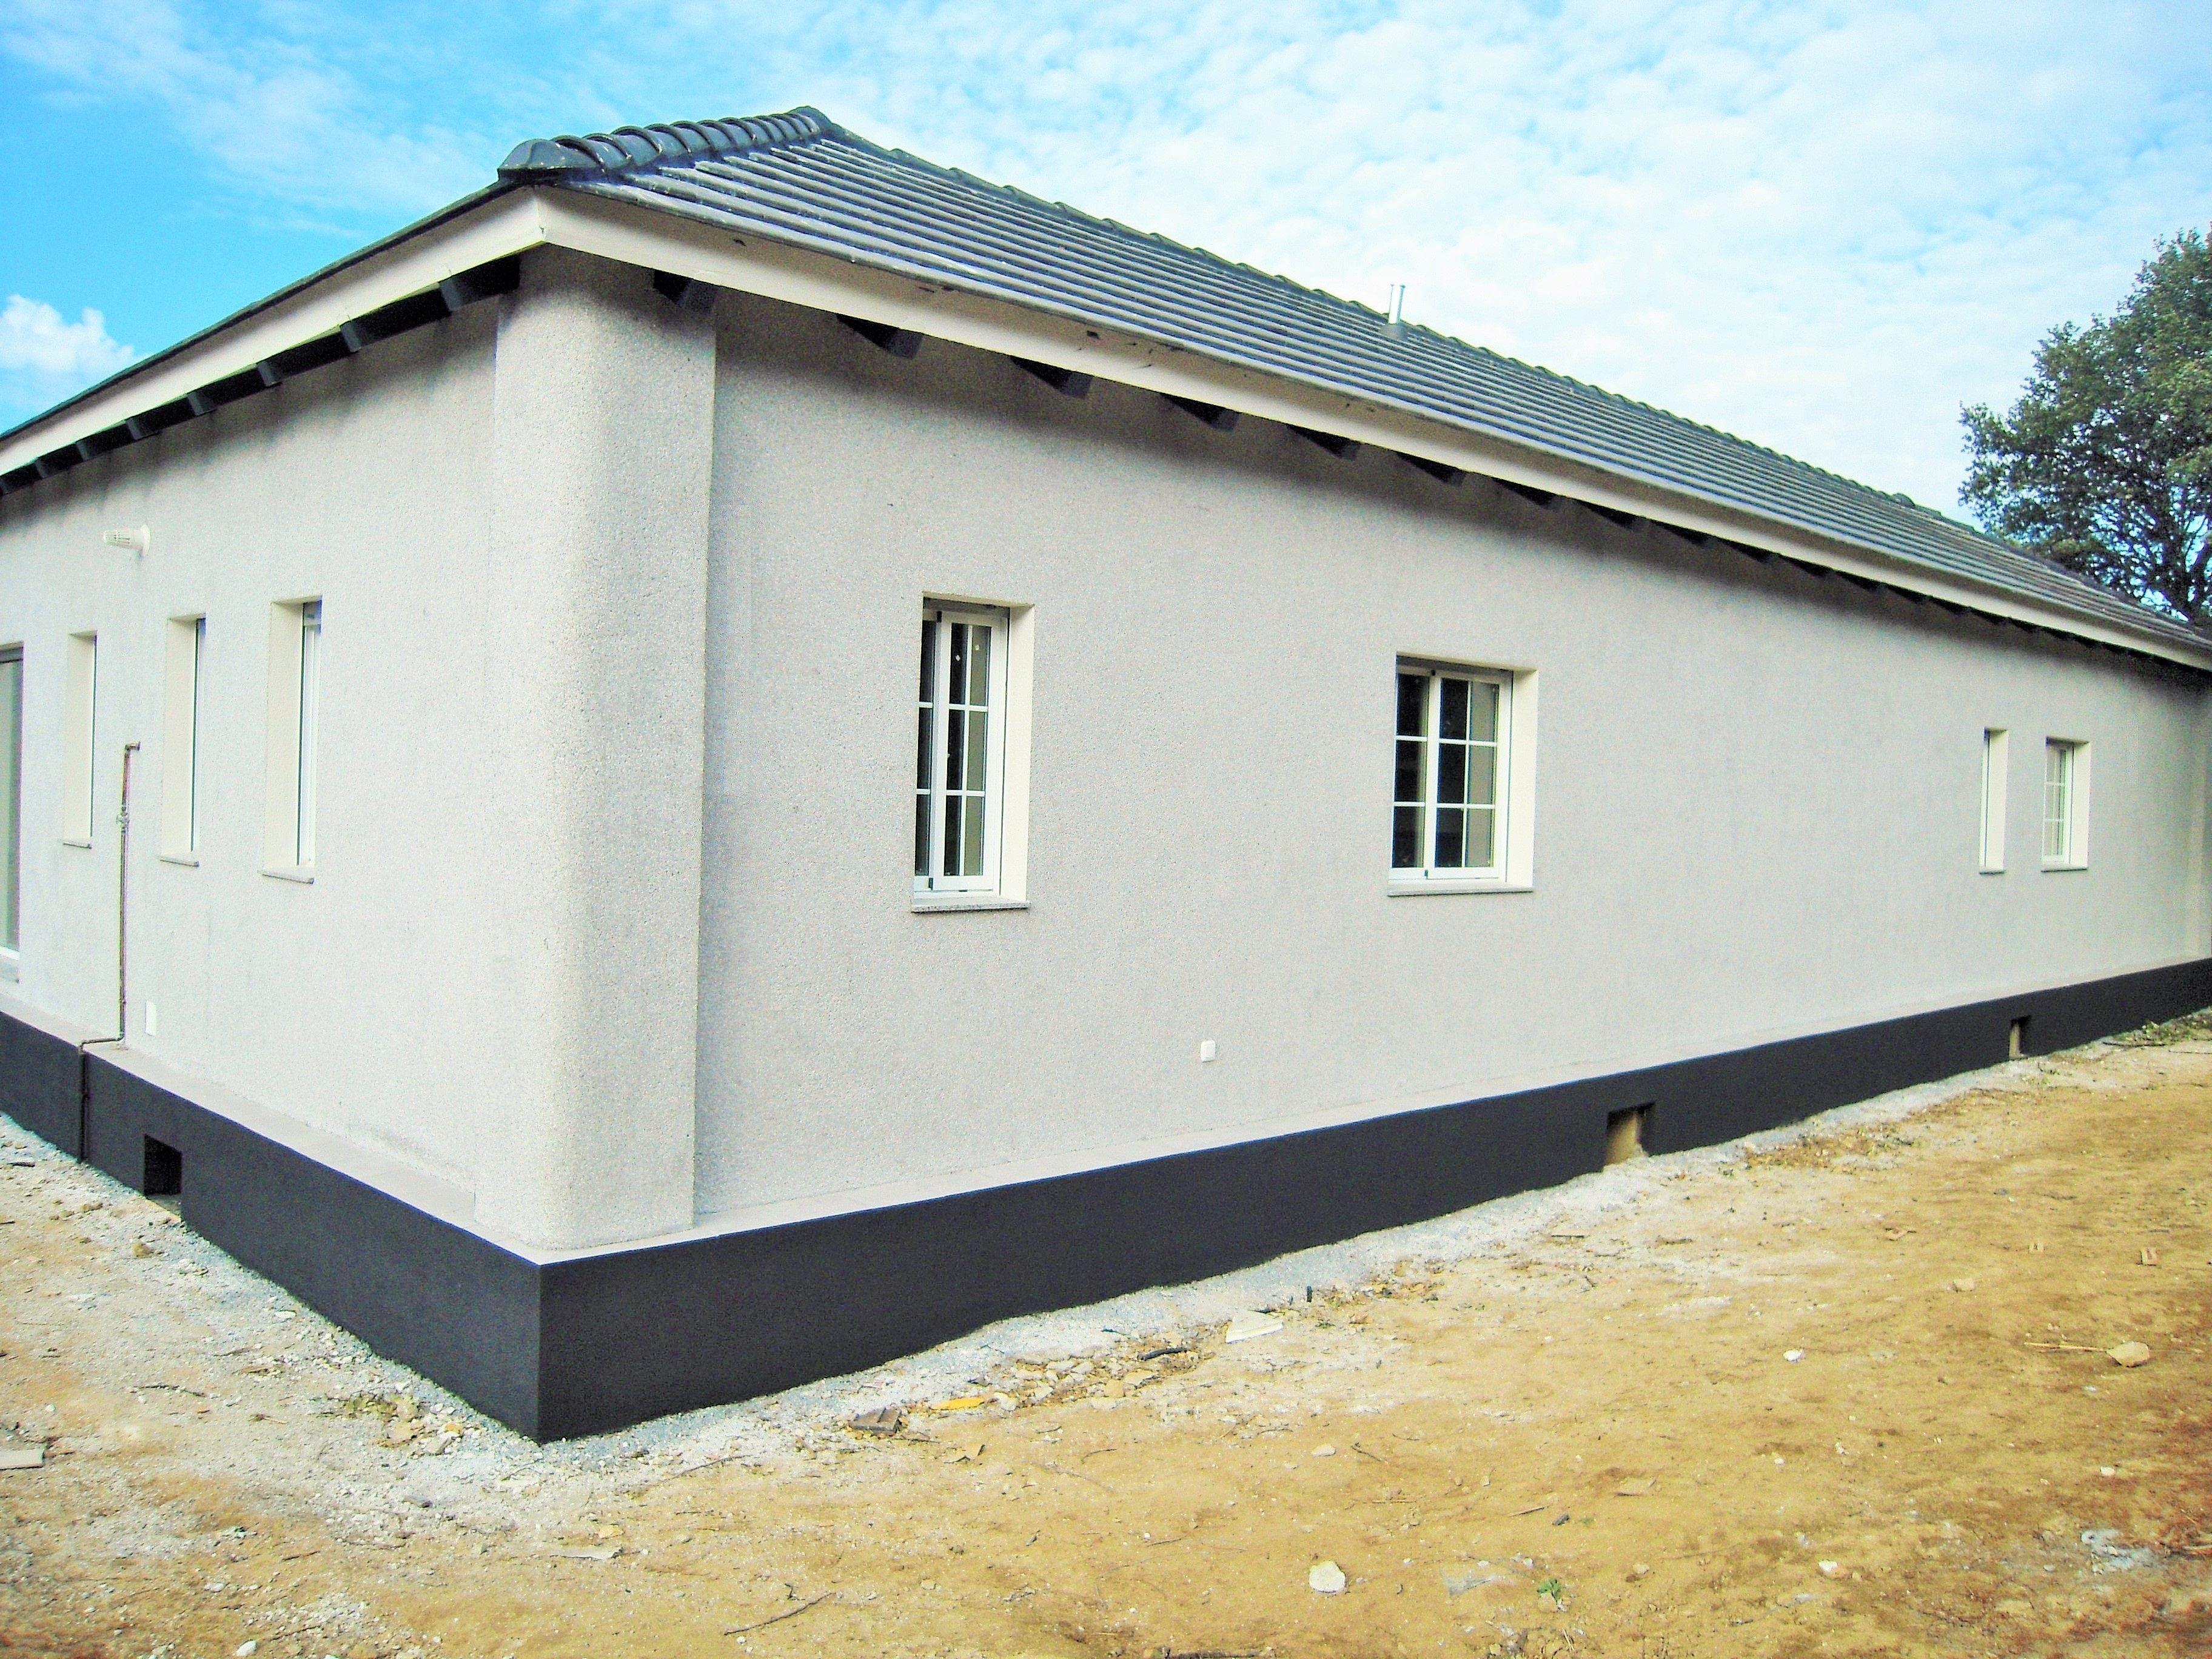 Acabado en monocapa gris en una de nuestras viviendas prefabricadas de hormigon www - Casas prefabricadas hormigon ...